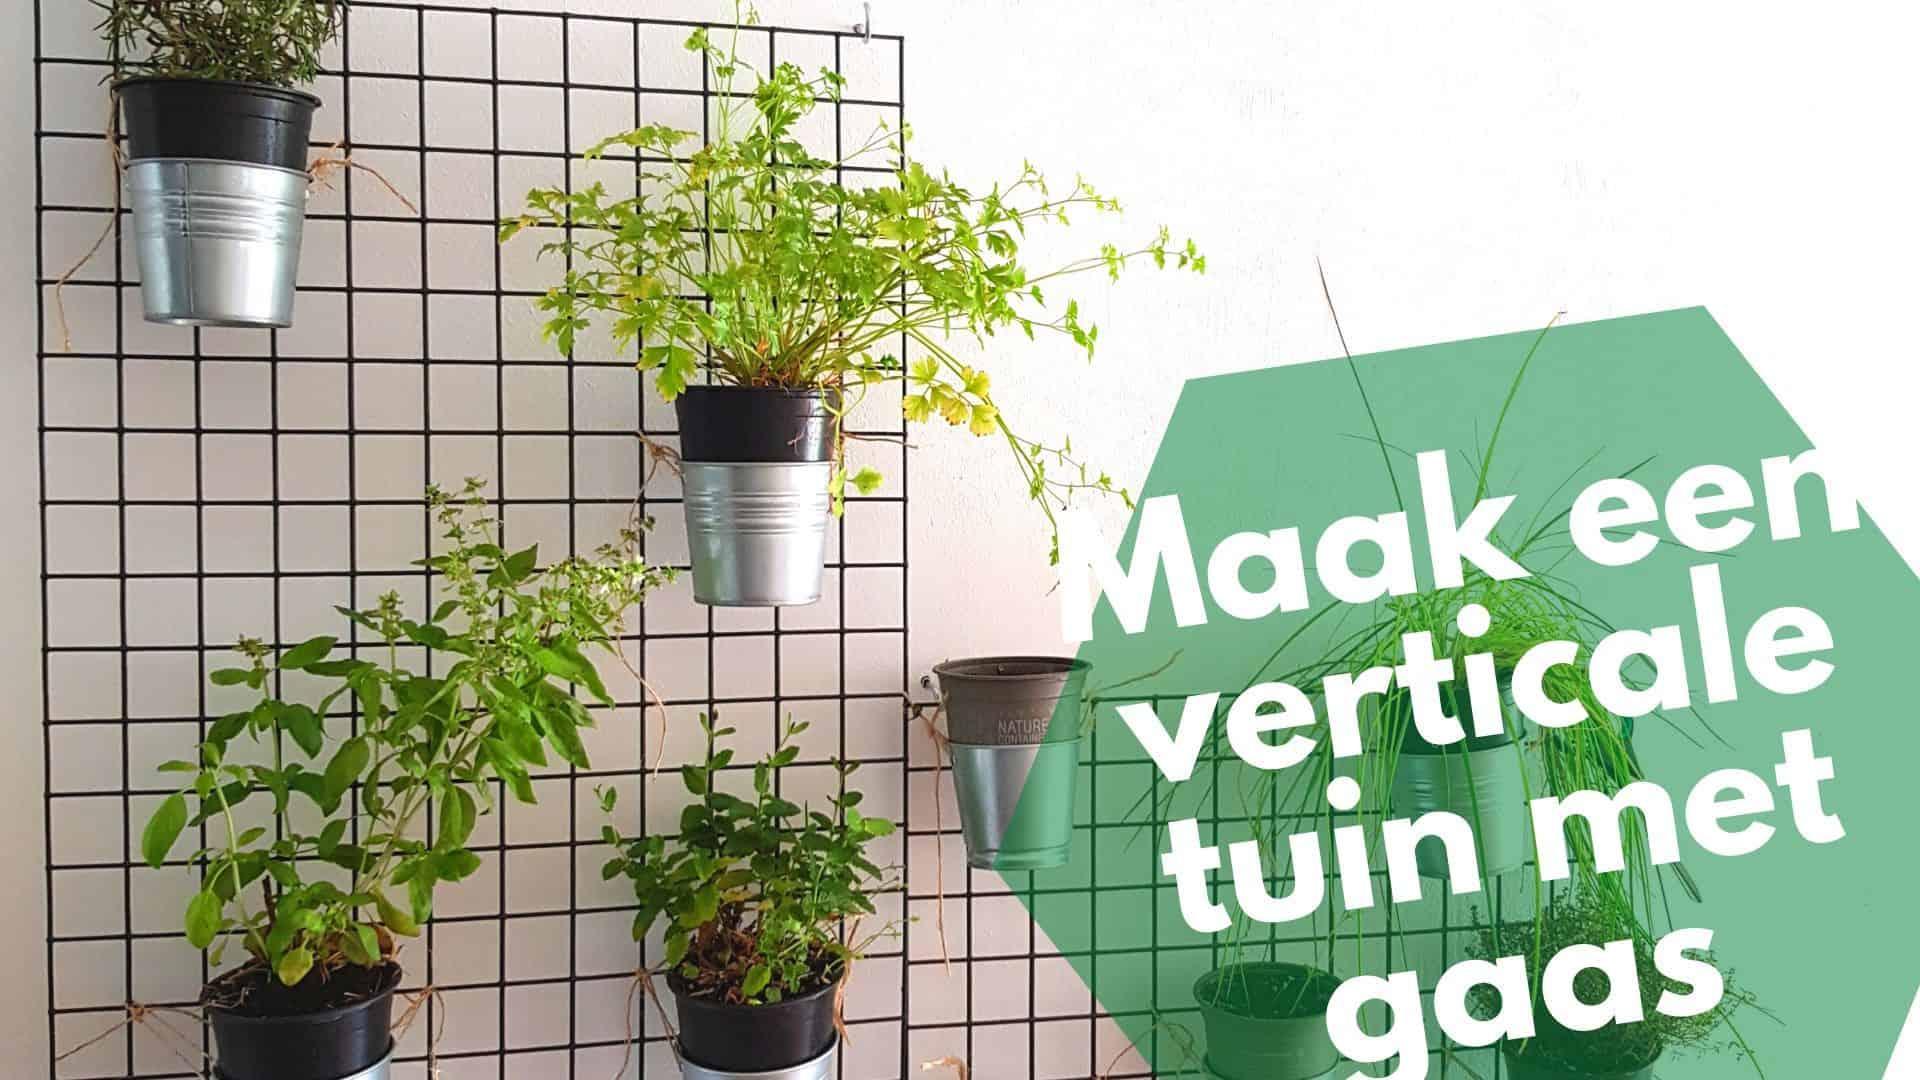 Maak een verticale tuin met gaas – zo uit de bouwmarkt!